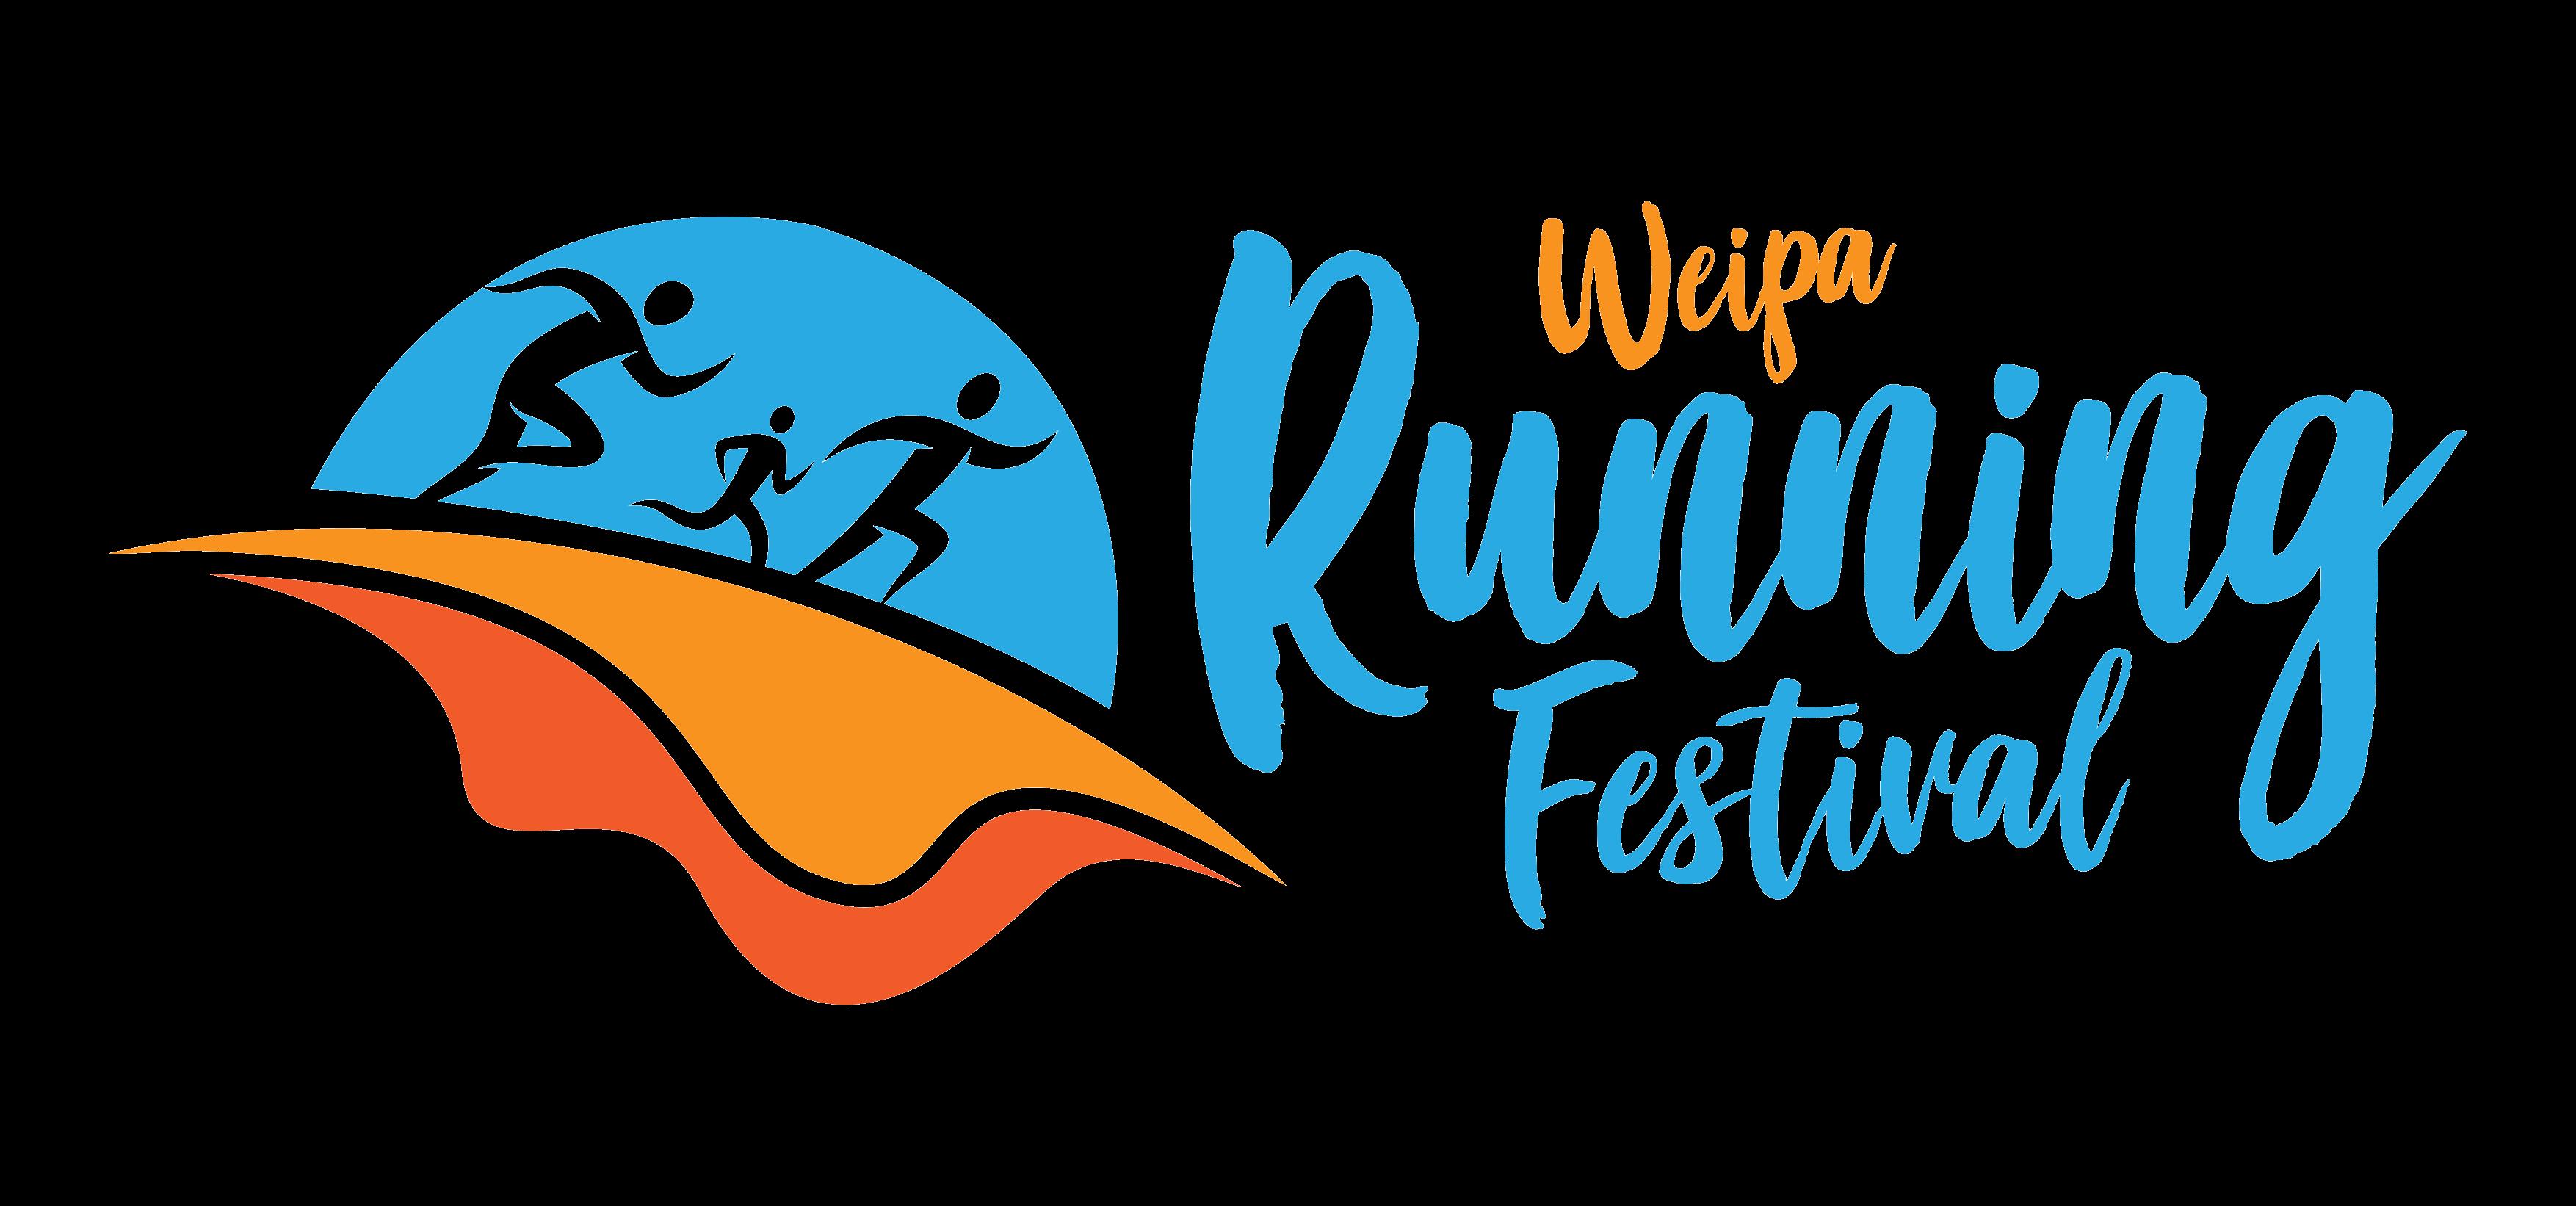 Weipa Running Festival